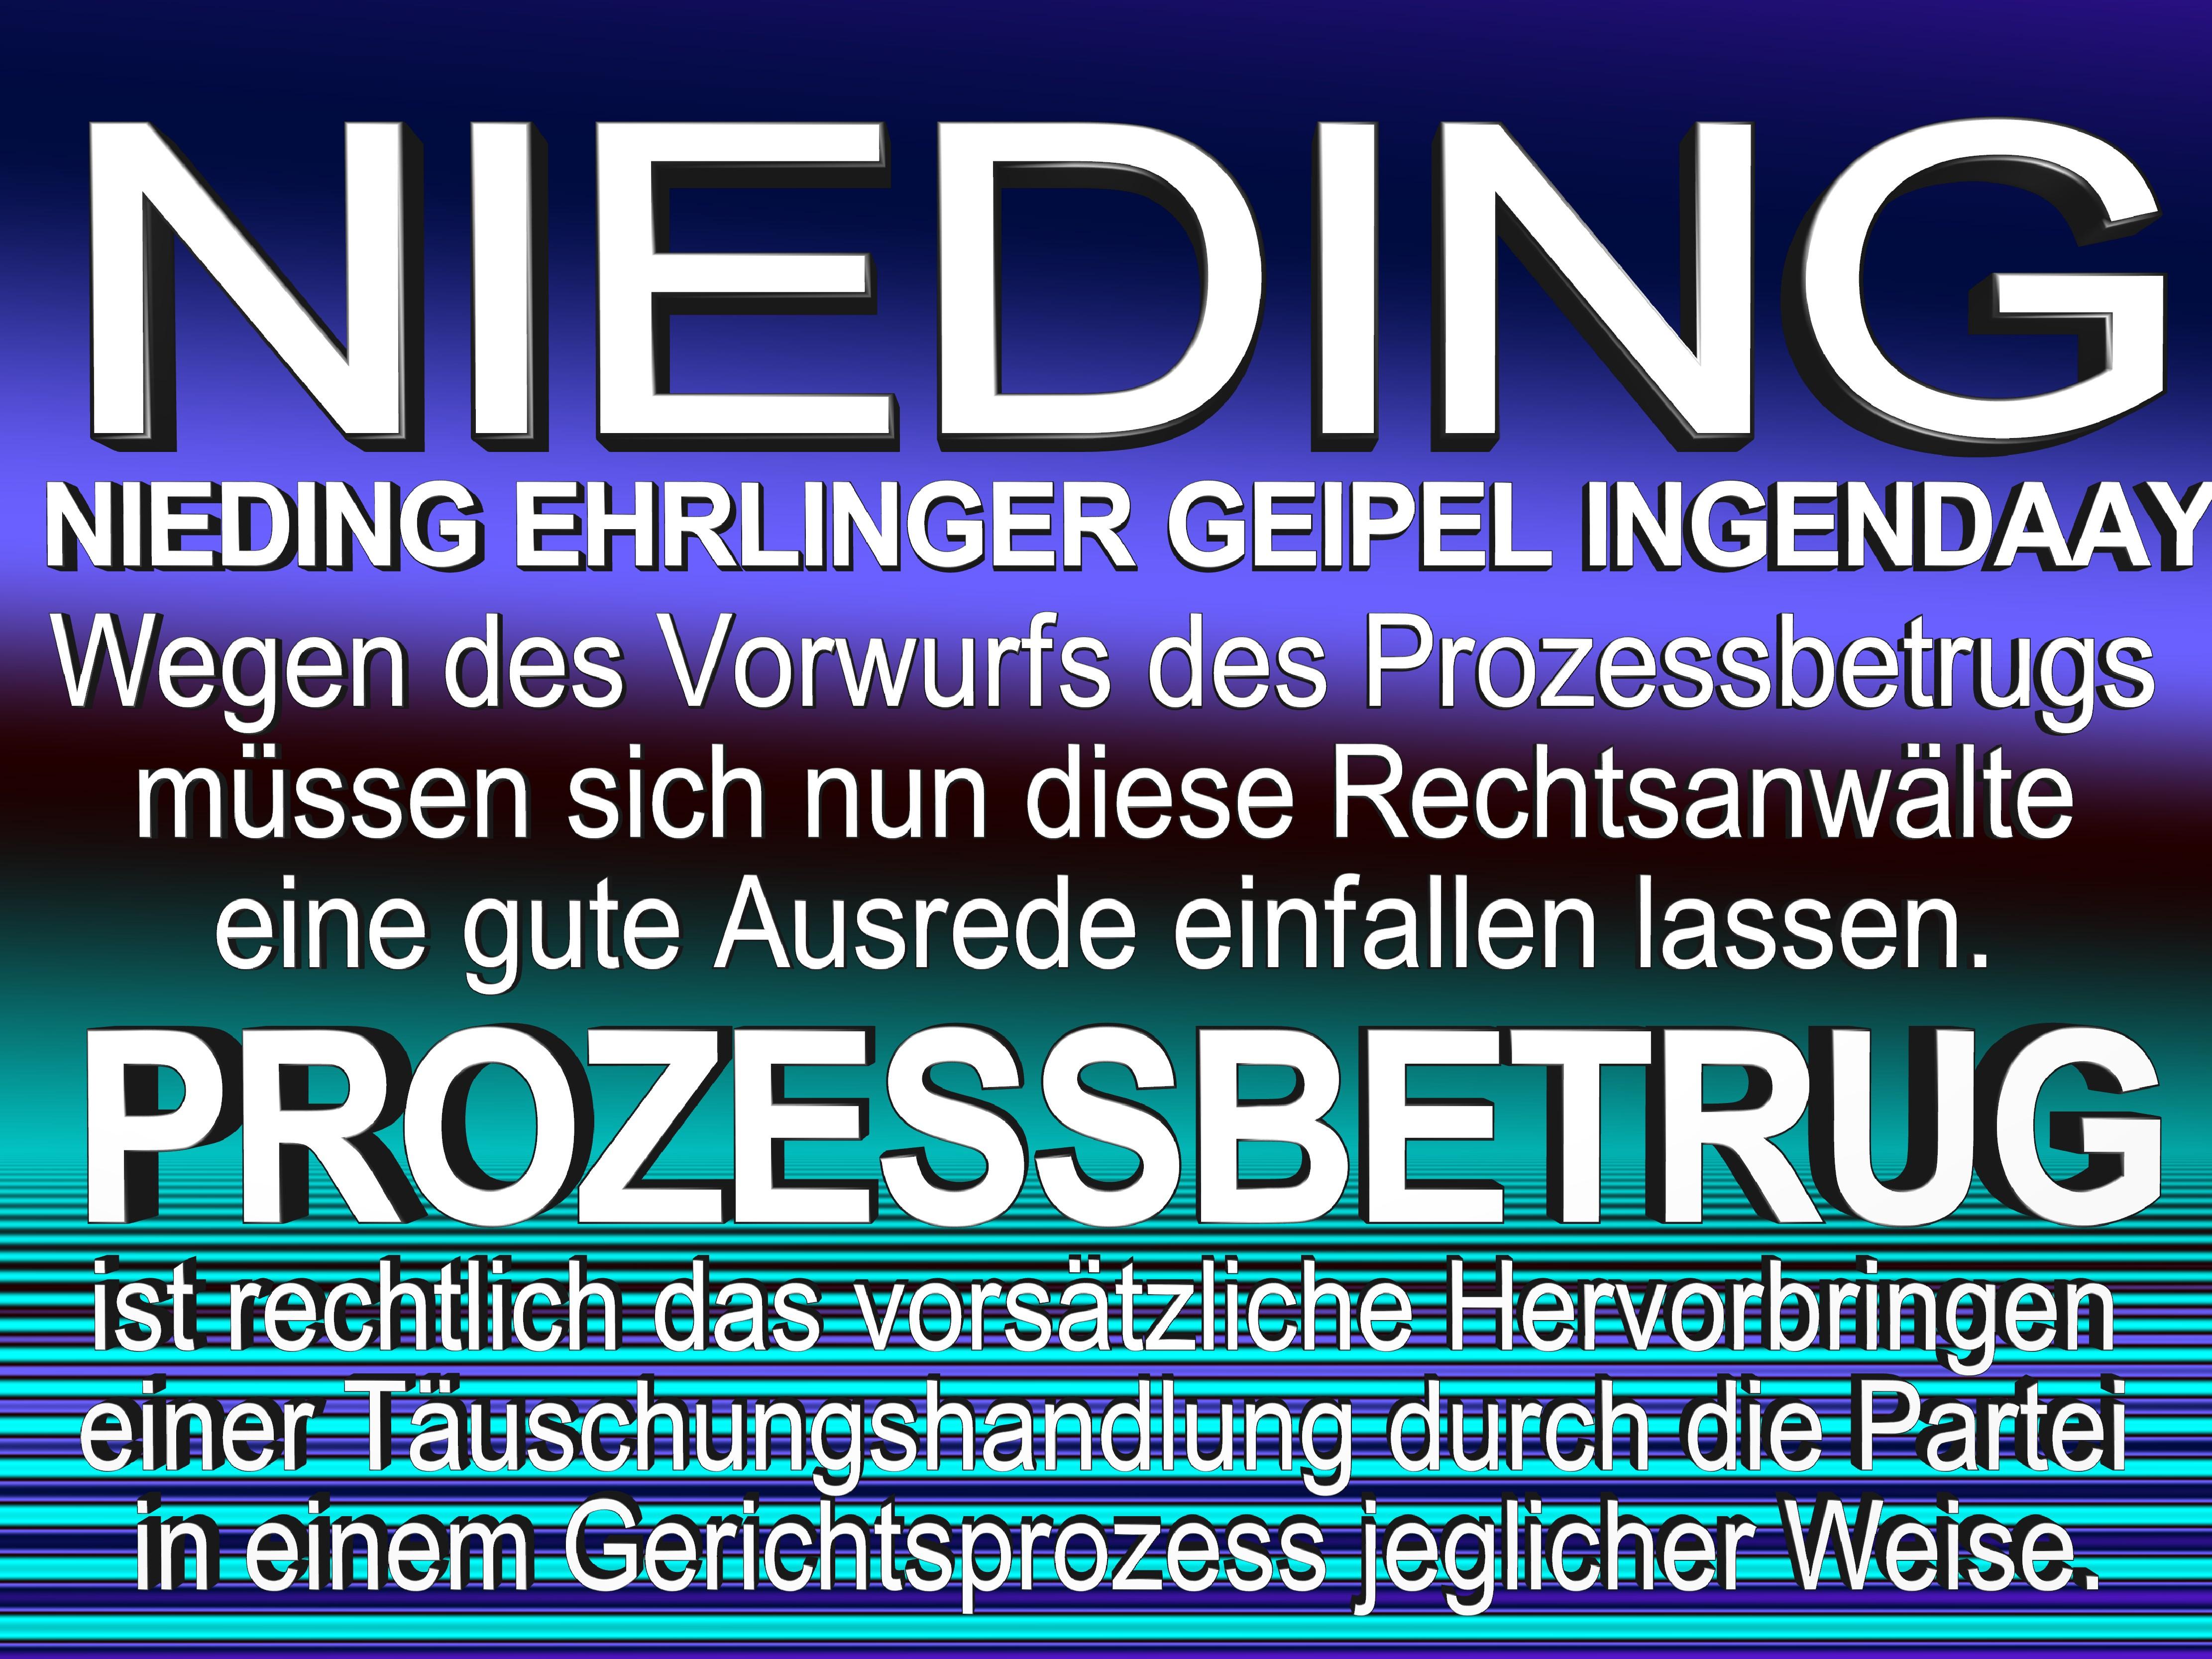 NIEDING EHRLINGER GEIPEL INGENDAAY LELKE Kurfürstendamm 66 Berlin (52)